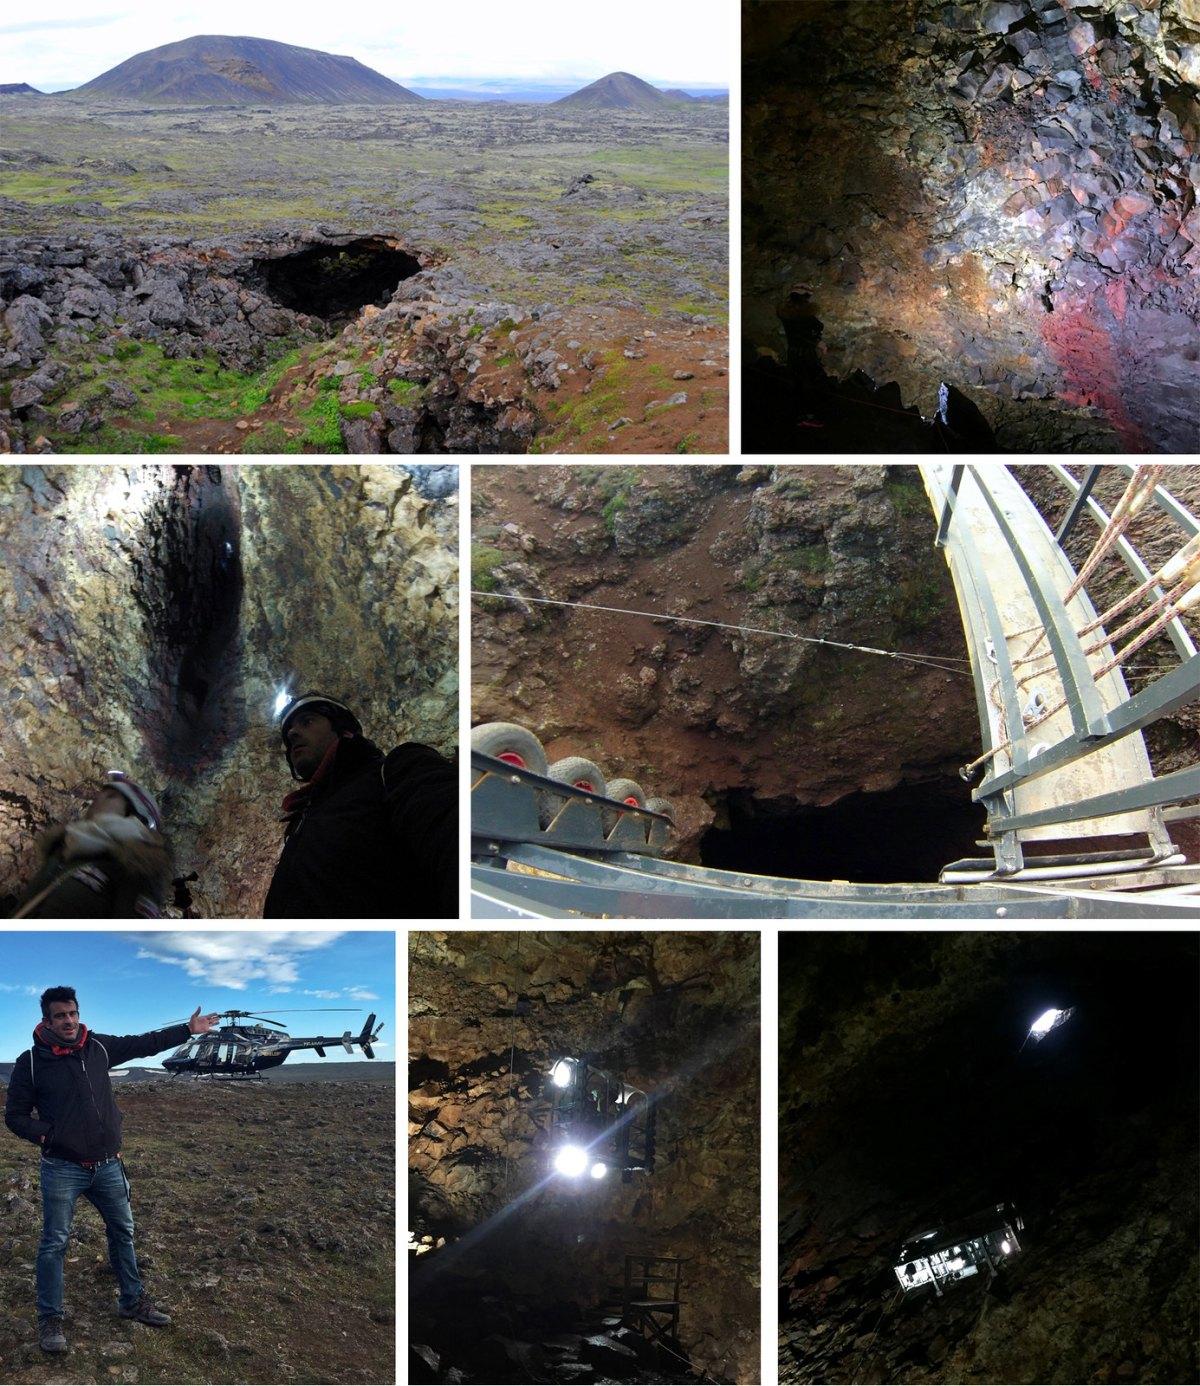 viaje al interior de la tierra a través de un volcán Islandés Viaje al interior de la tierra a través de un volcán Islandés Viaje al interior de la tierra a través de un volcán Islandés 24999577806 c9abd2fda0 h